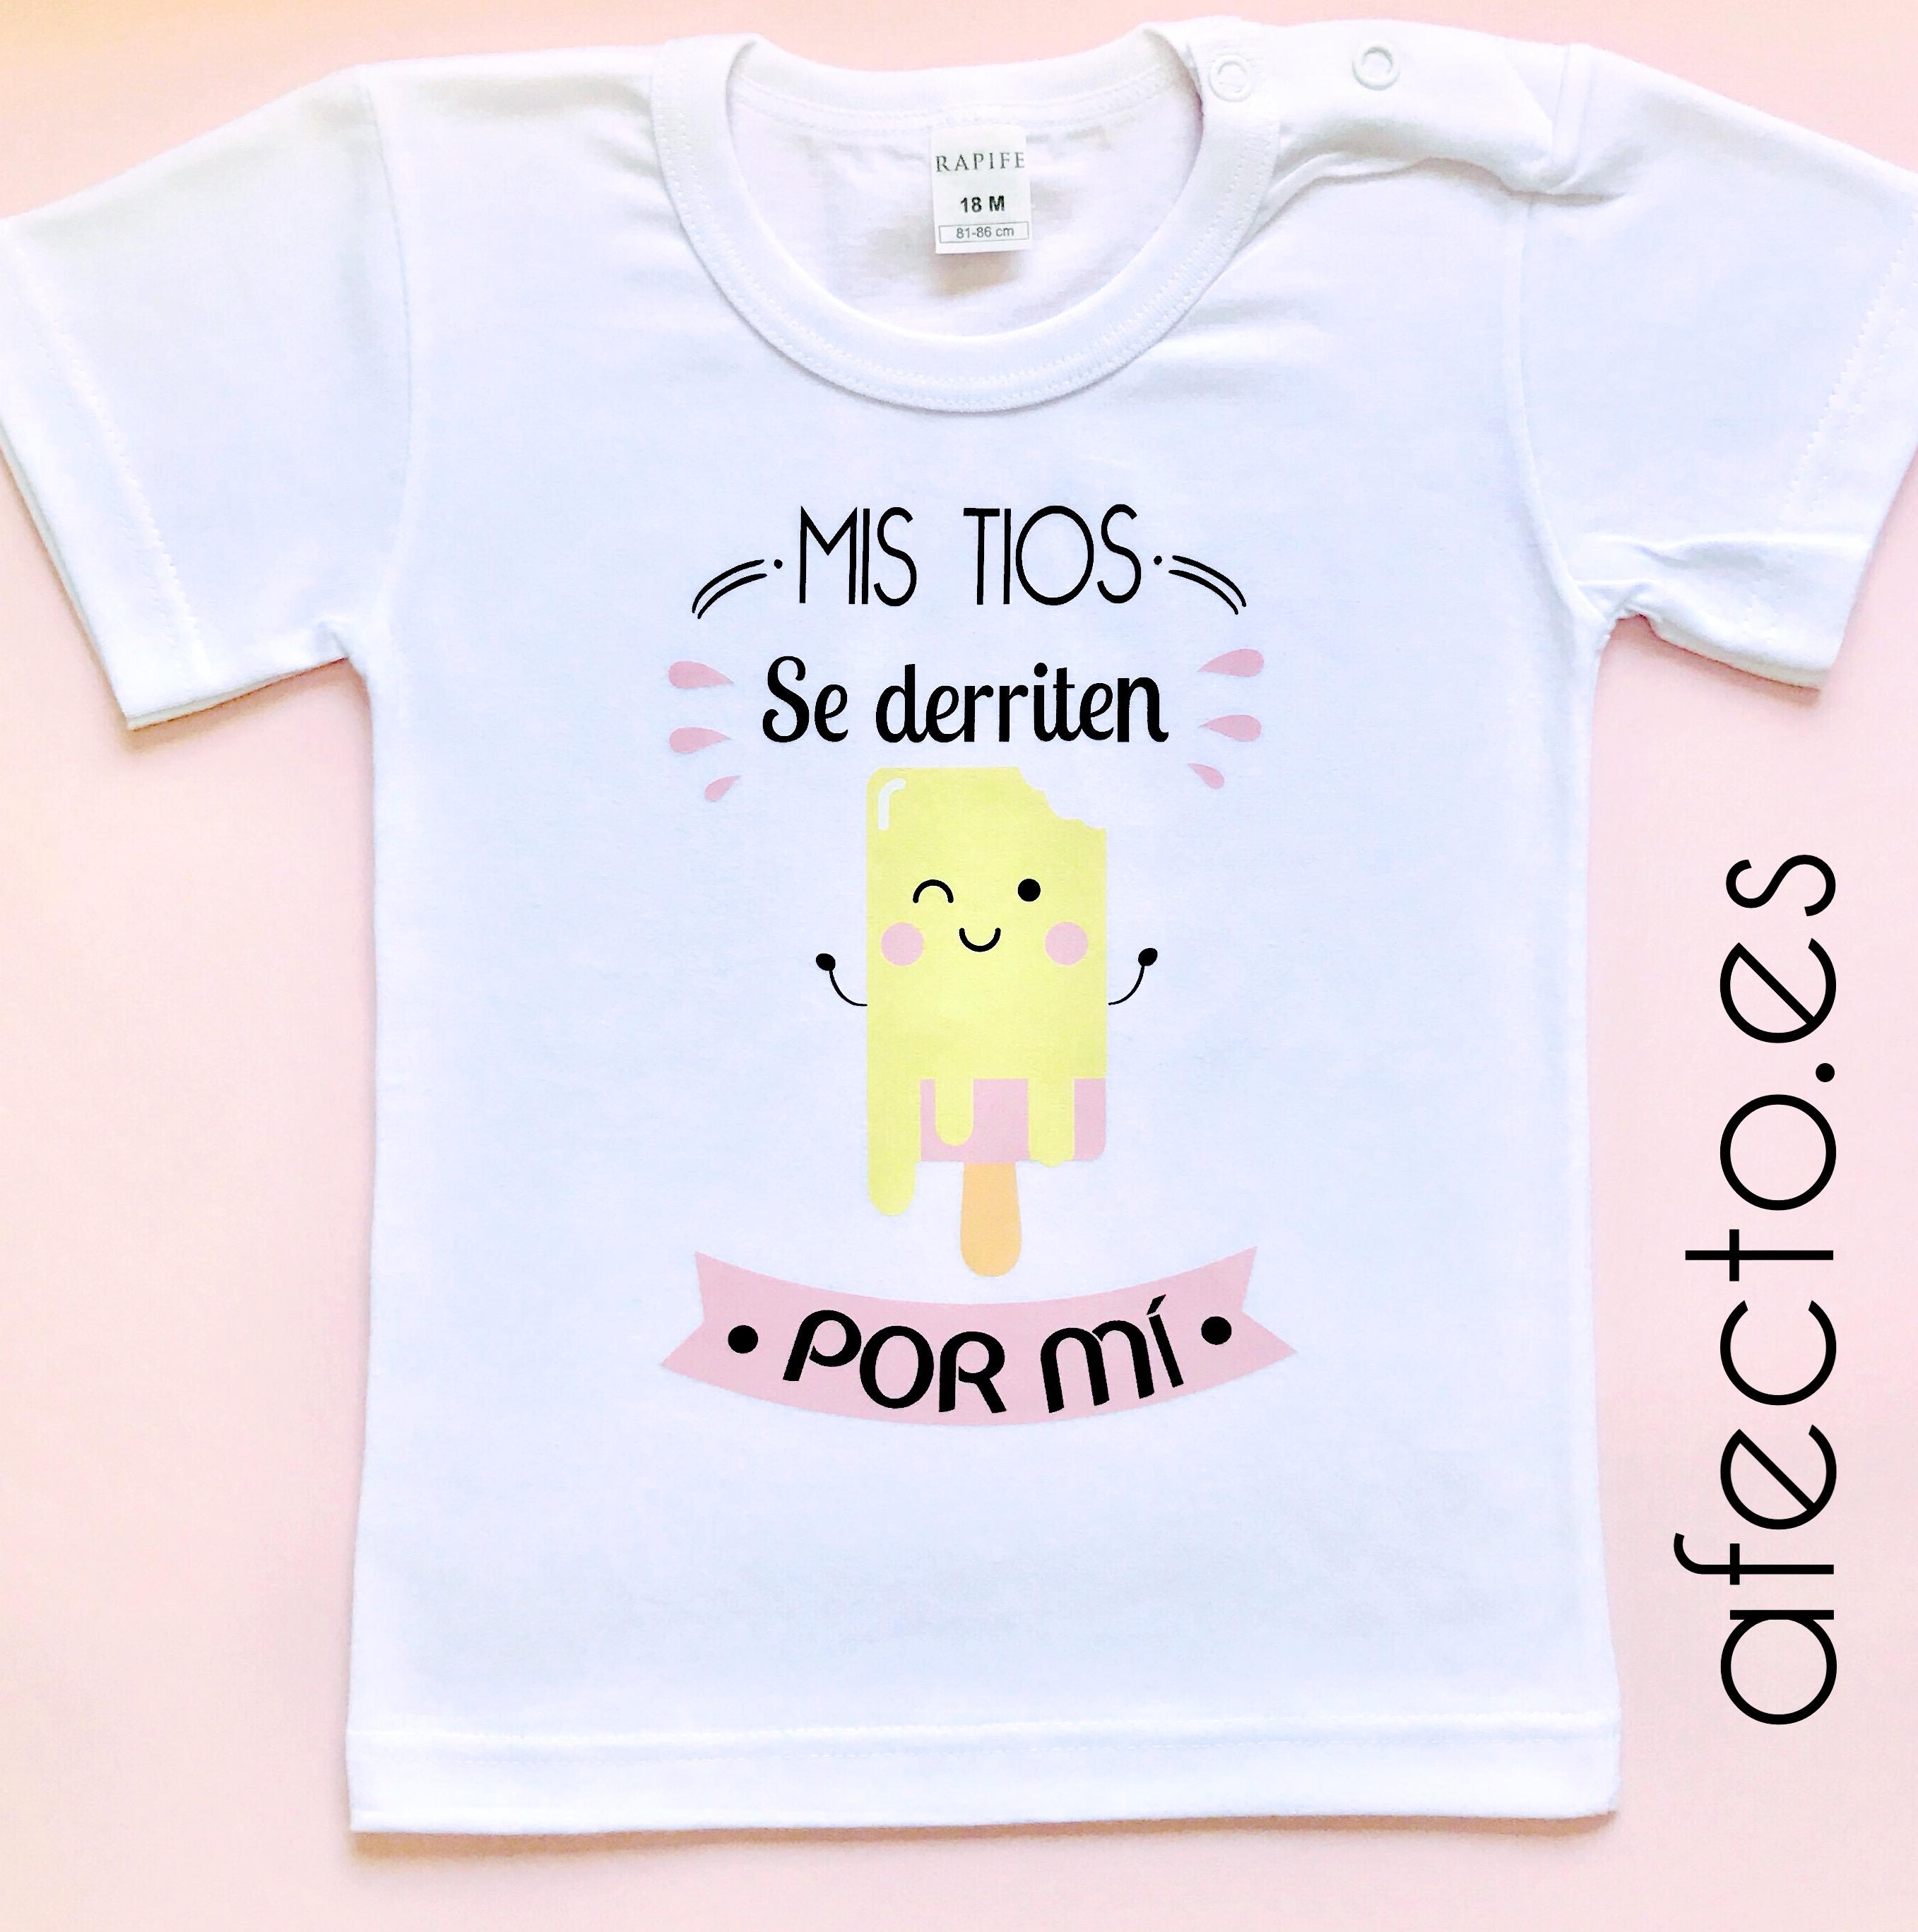 """Camiseta personalizada """"Se derriten a71197263a59e"""